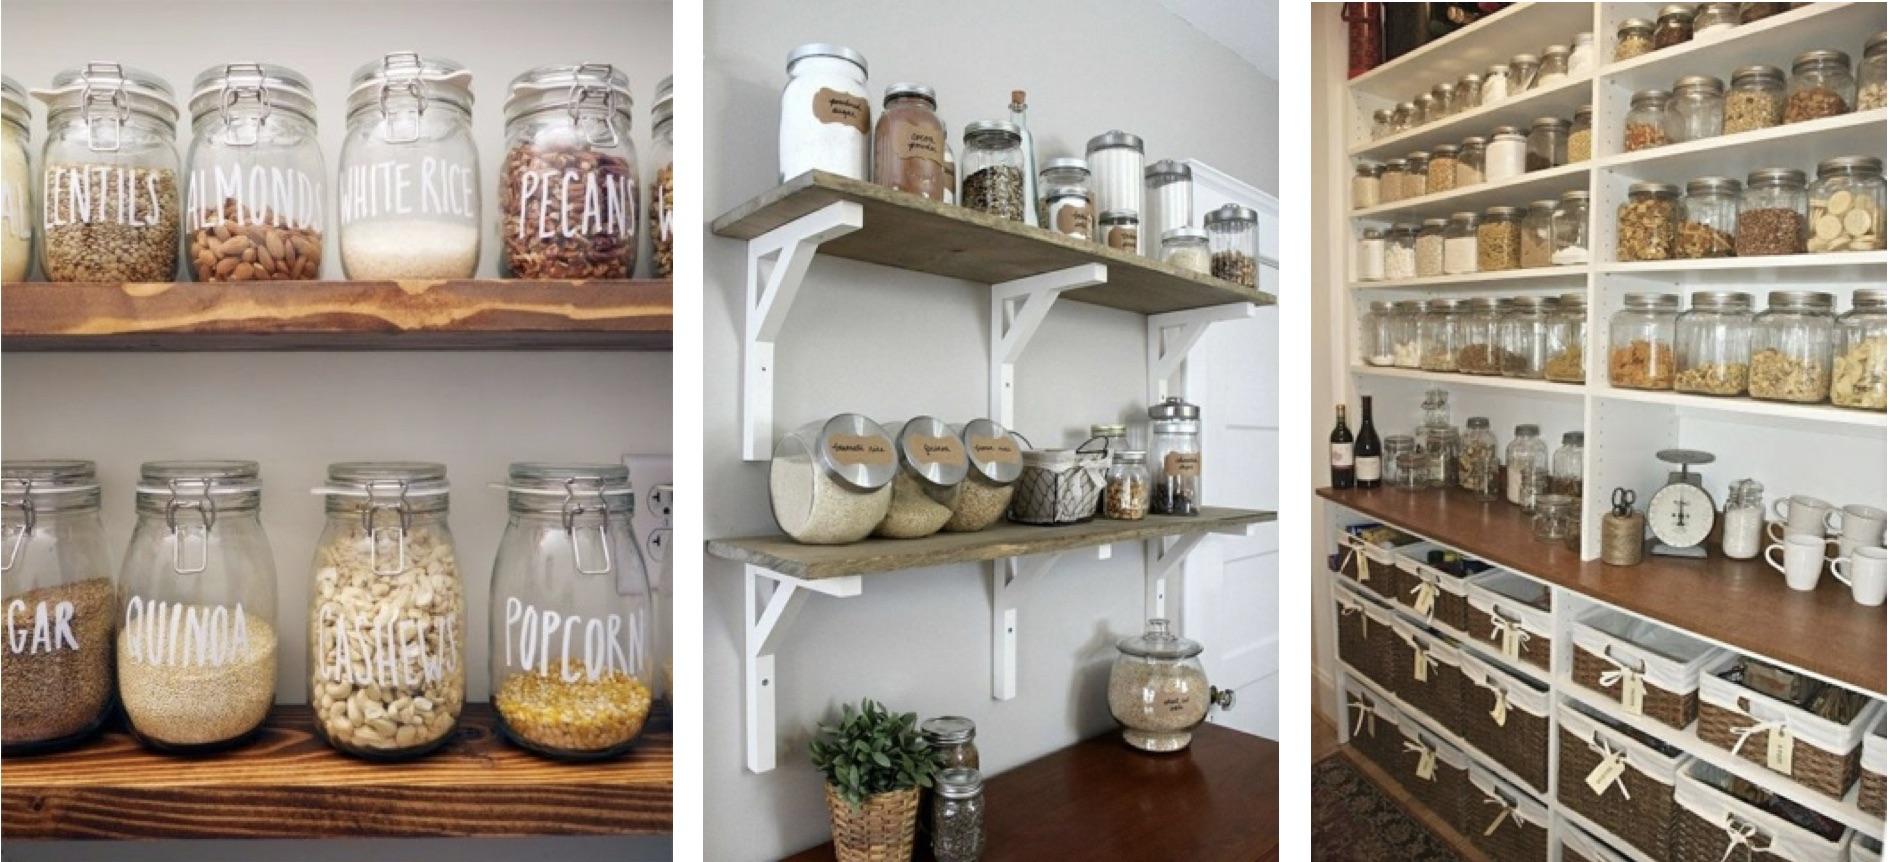 Les plantes arômatiques dans une cuisine